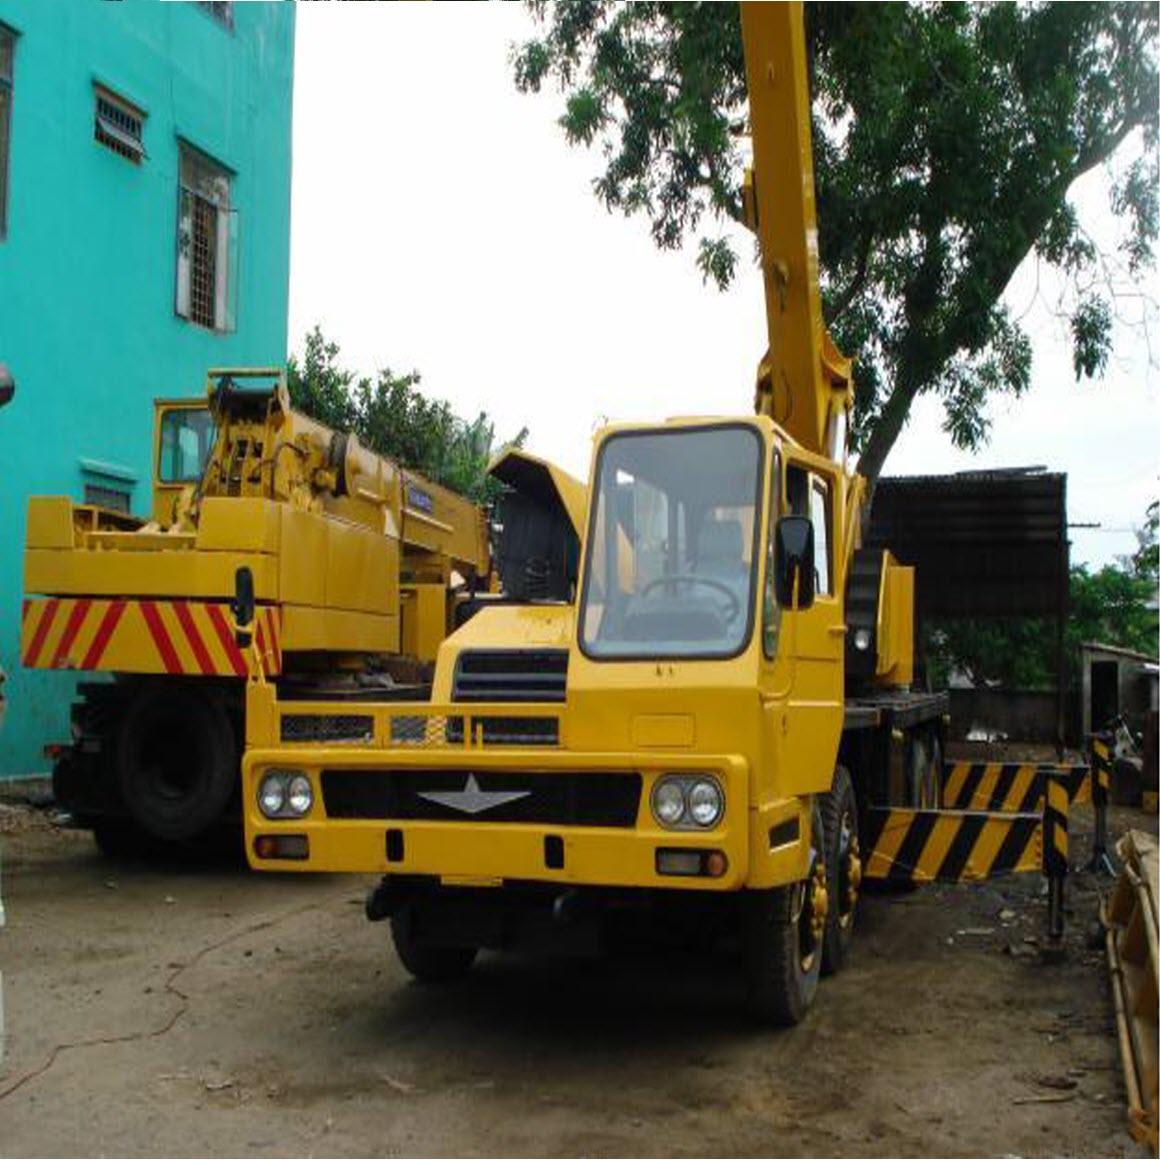 Cho thuê xe cẩu ở quận 4 tp Hồ Chí Minh